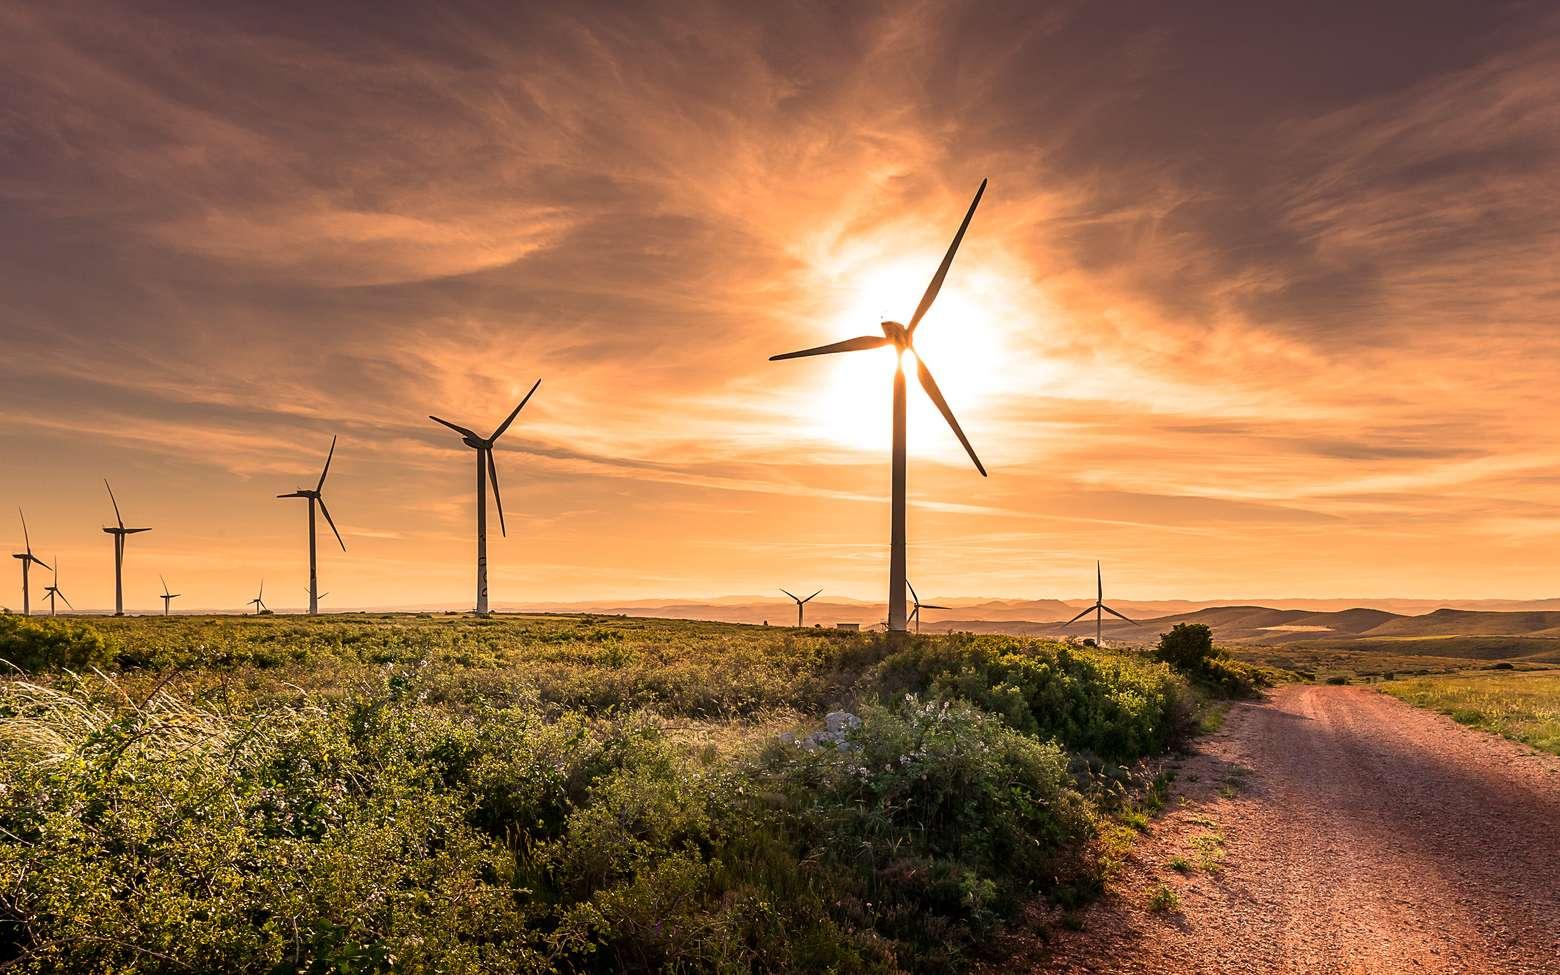 L'énergie éolienne est-elle menacée par le réchauffement climatique ? Ici, un parc éolien. © Olivier Tabary, Fotolia